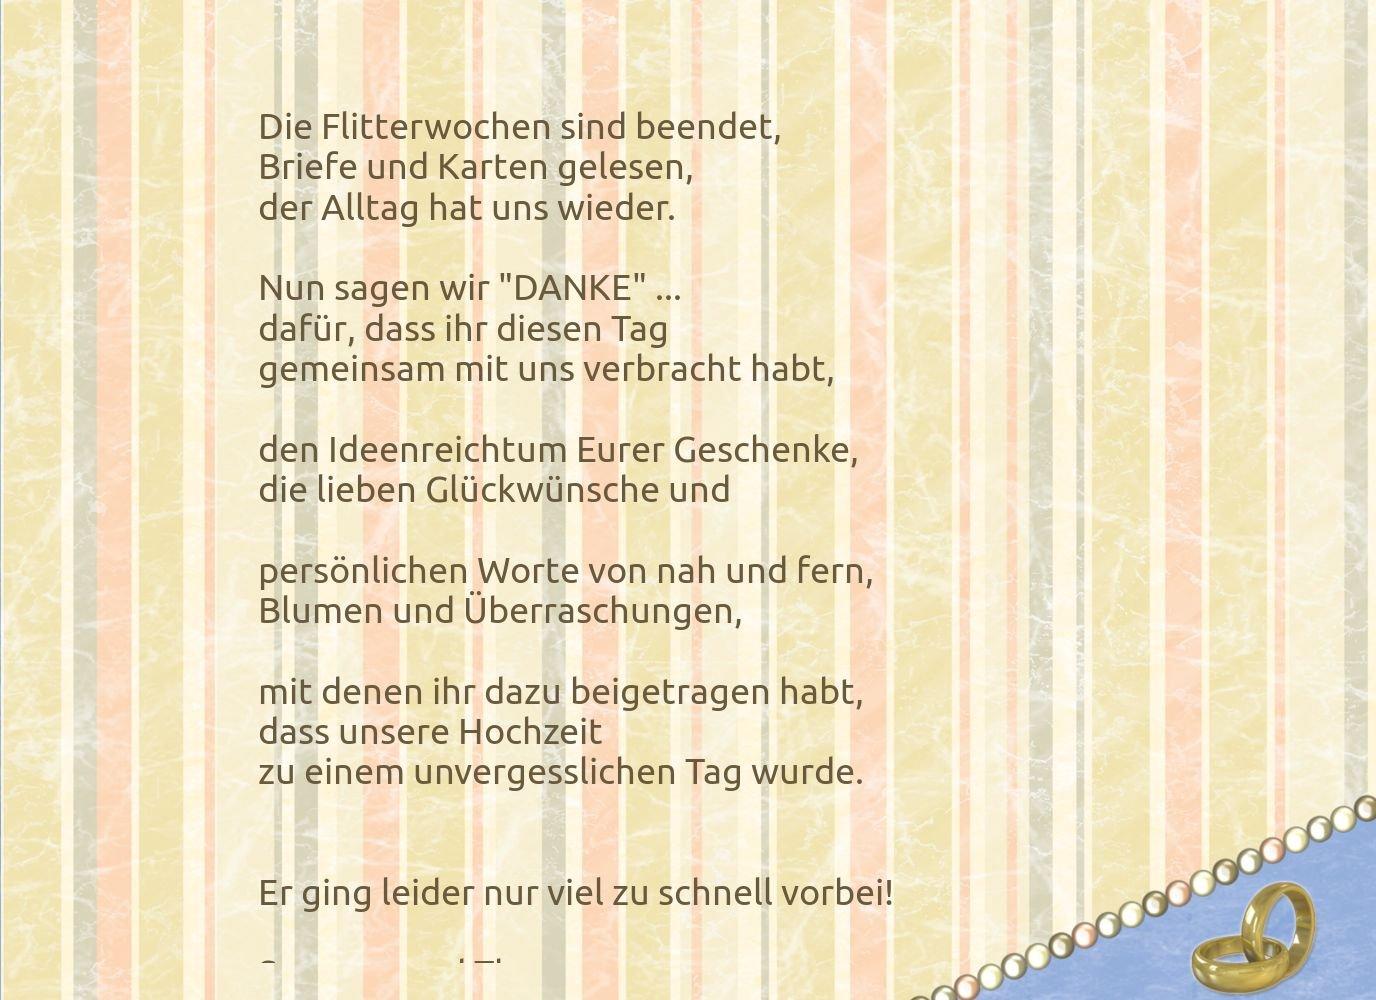 Kartenparadies Danksagung für Hochzeitsgeschenke Hochzeit Dankeskarte Bund für's Leben, Leben, Leben, hochwertige Danksagungskarte Hochzeitsglückwünsche inklusive Umschläge   20 Karten - (Format  148x105 mm) Farbe  LilaFlieder B01N13BOSB | Güns 1c3b5b